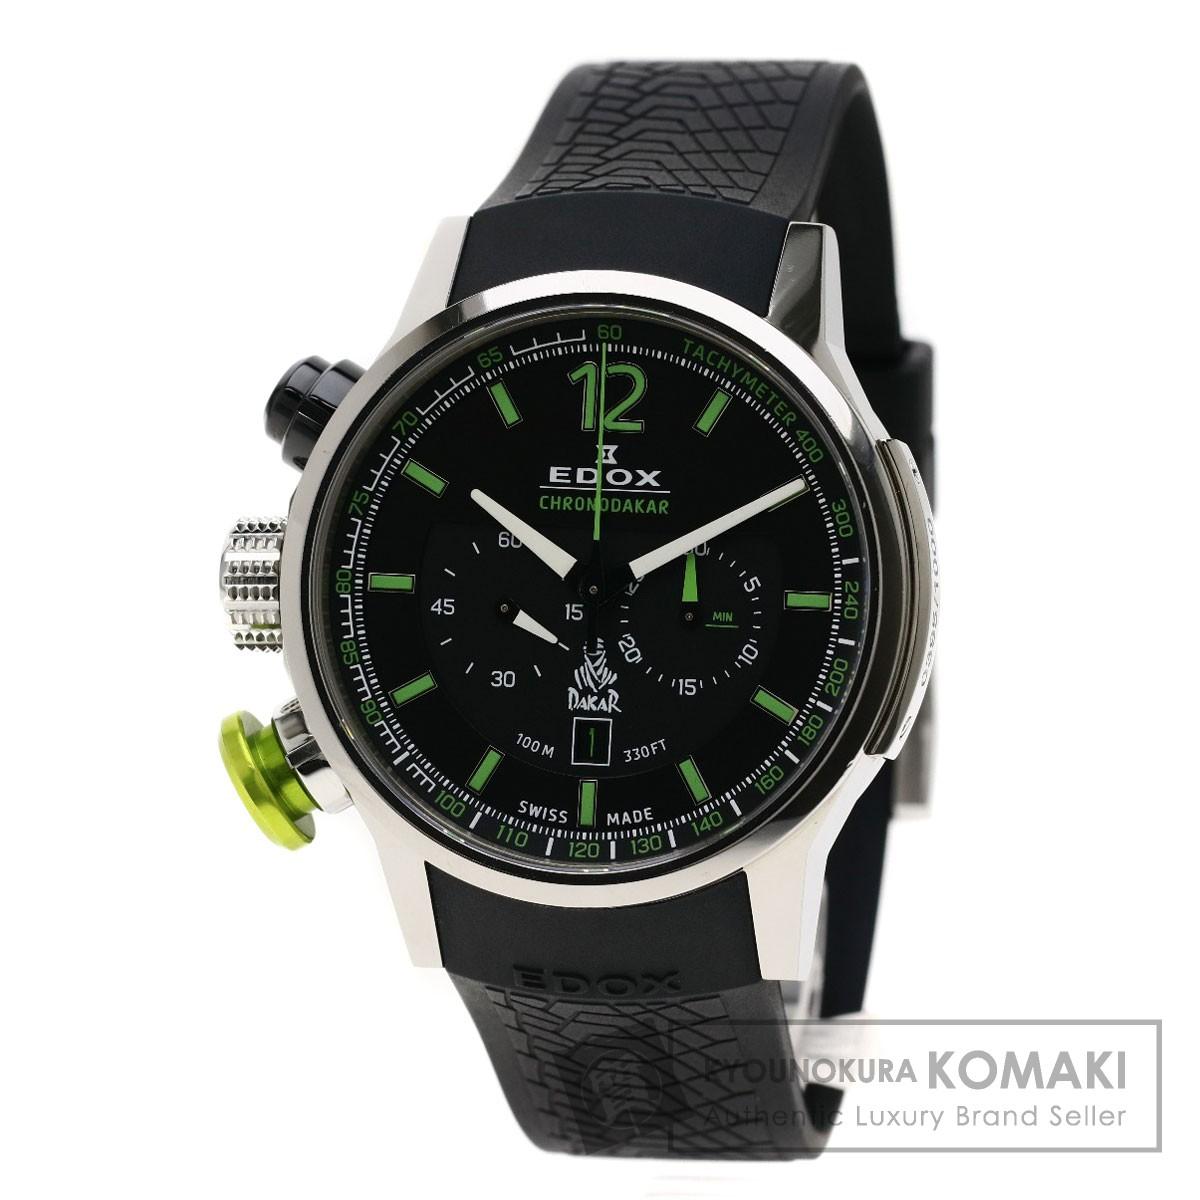 エドックス クロノラリー ダカール限定 腕時計 ステンレススチール/ラバー メンズ 【中古】【EDOX】